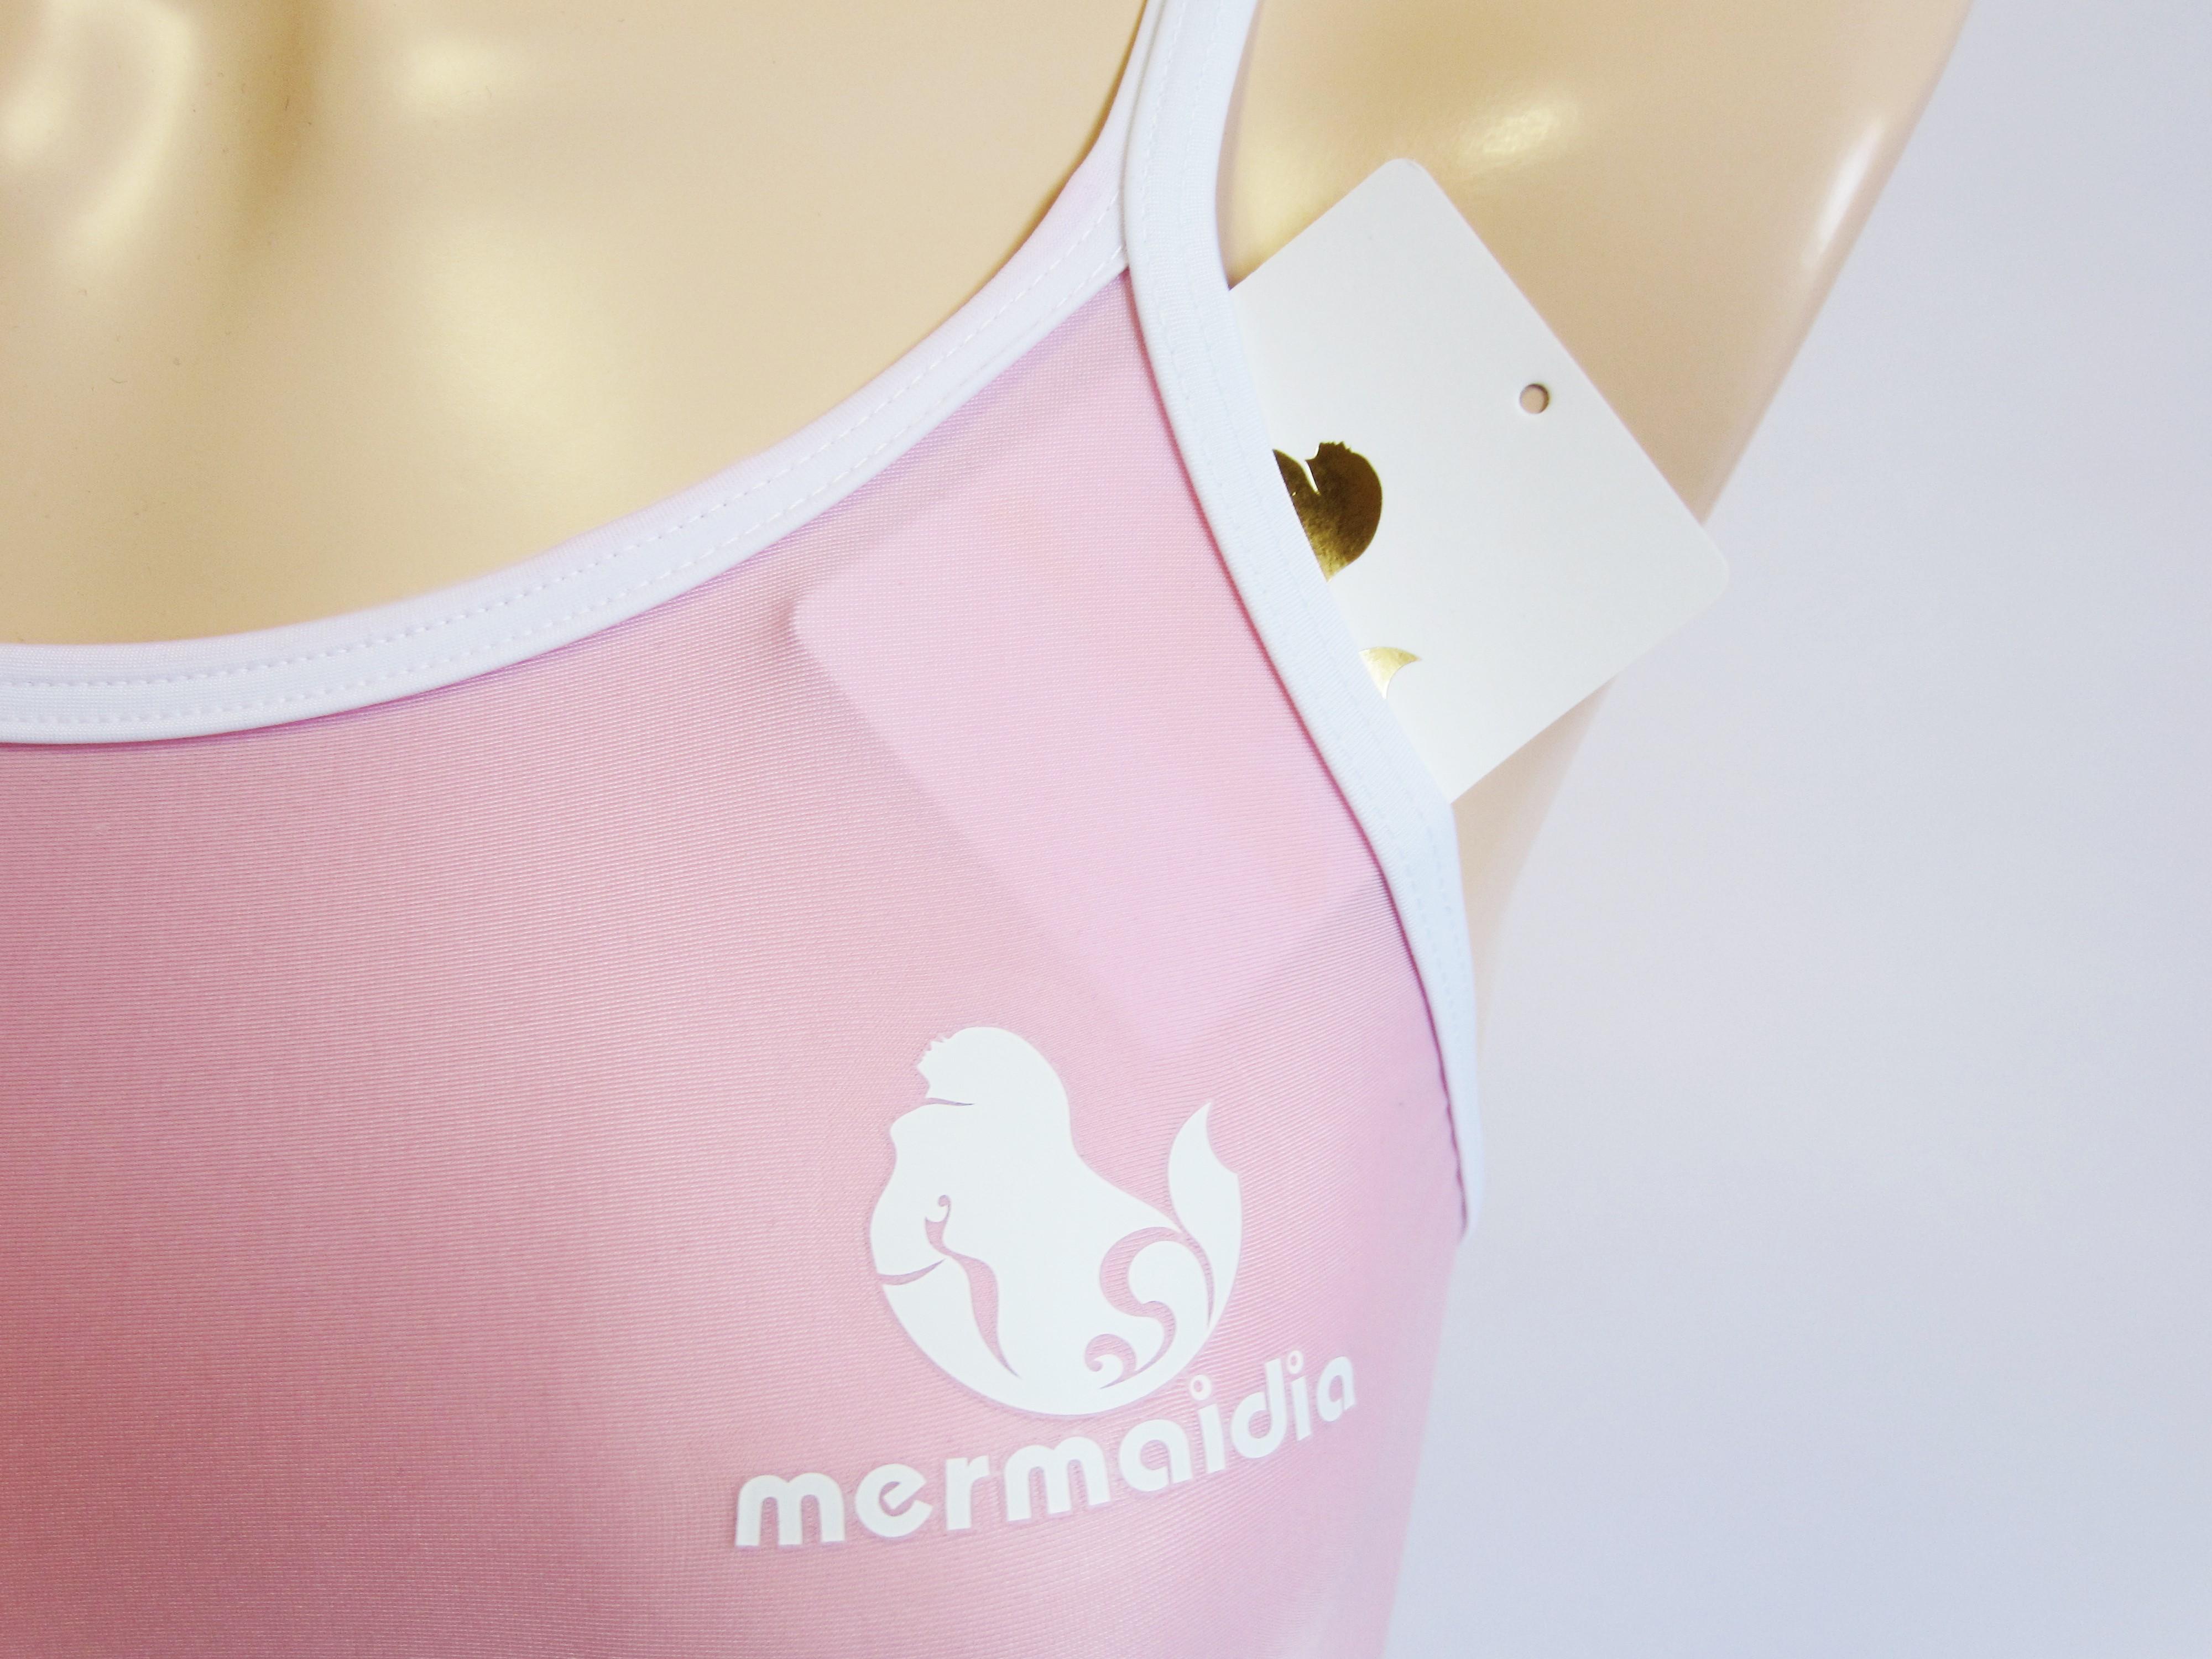 Mermaidia (マーメイディア) スクール水着 アイスピンク × ホワイト  スク水